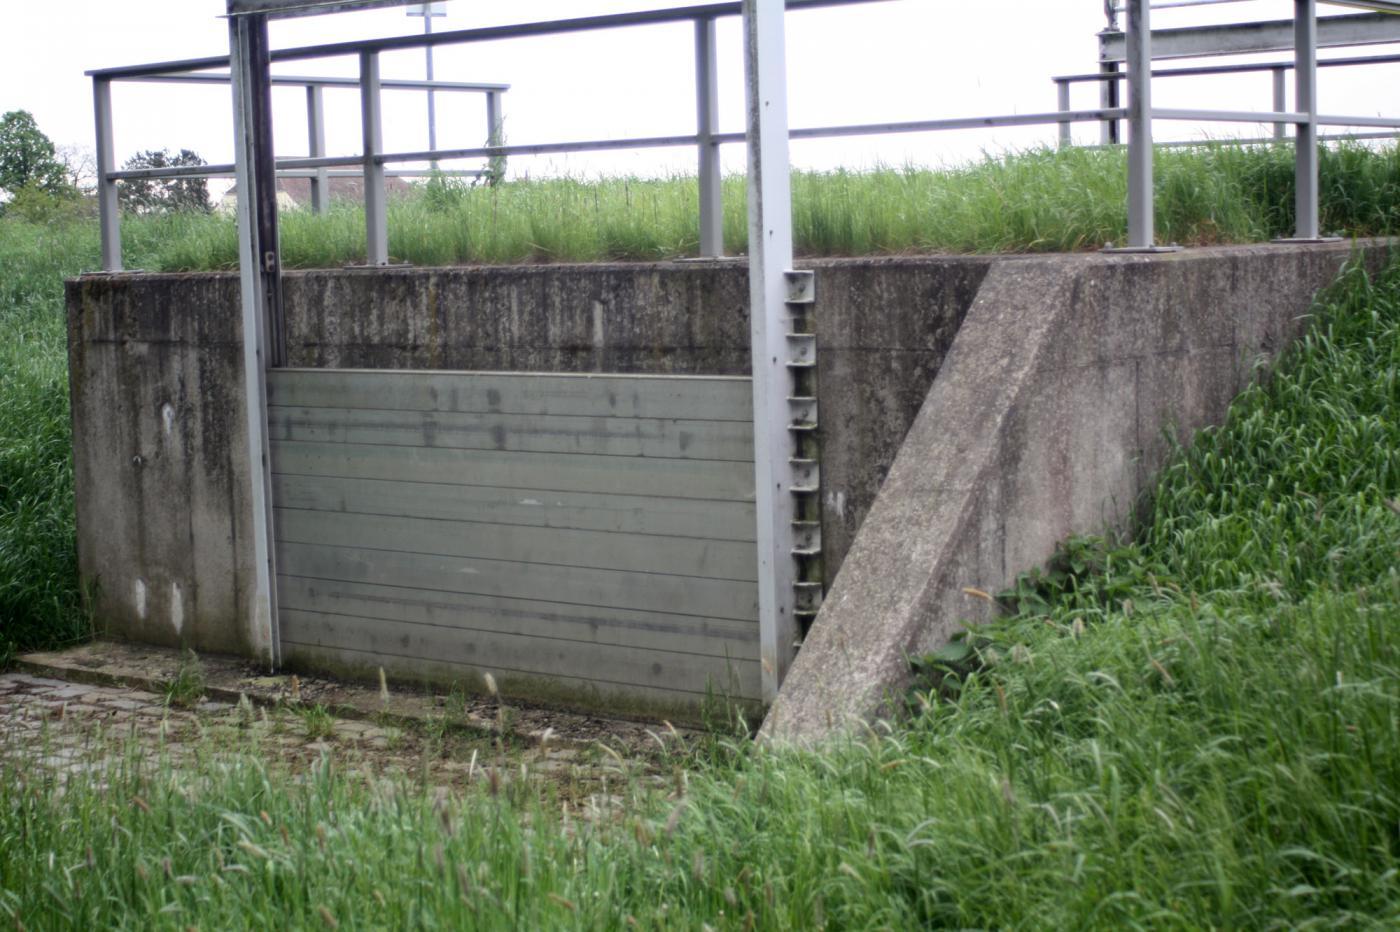 Jährliche Überwachung der Hochwasserschutzanlage im Rahmen der Laufendhaltung der Deichbücher des Betriebes Oberes Elbtal Lose1 bis 8